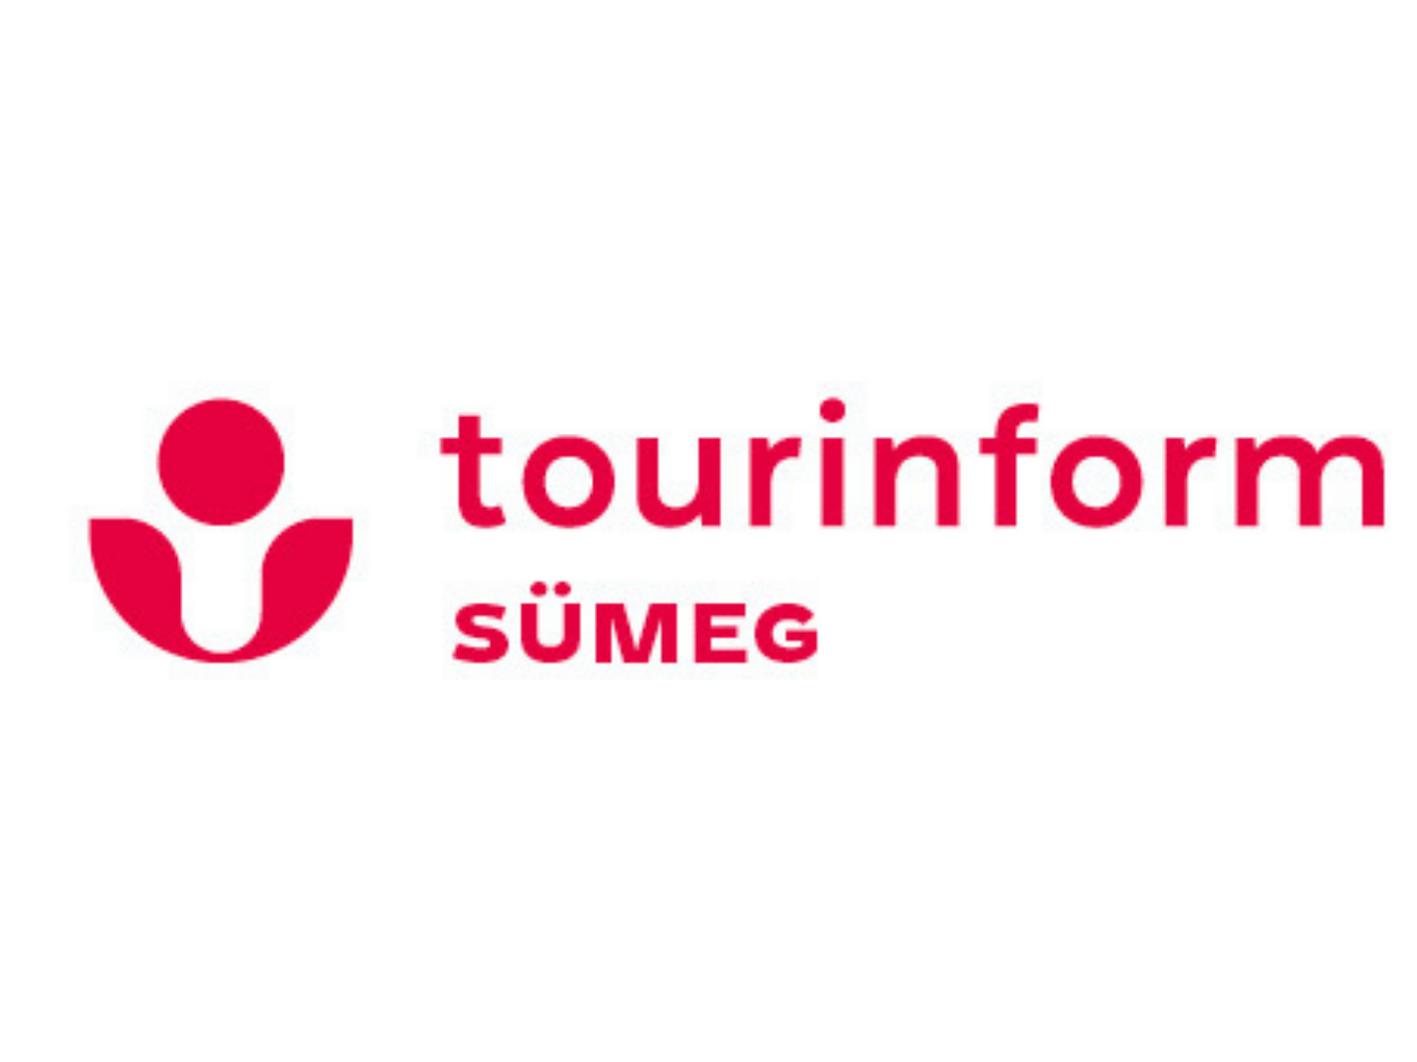 Sümeg Tourinform